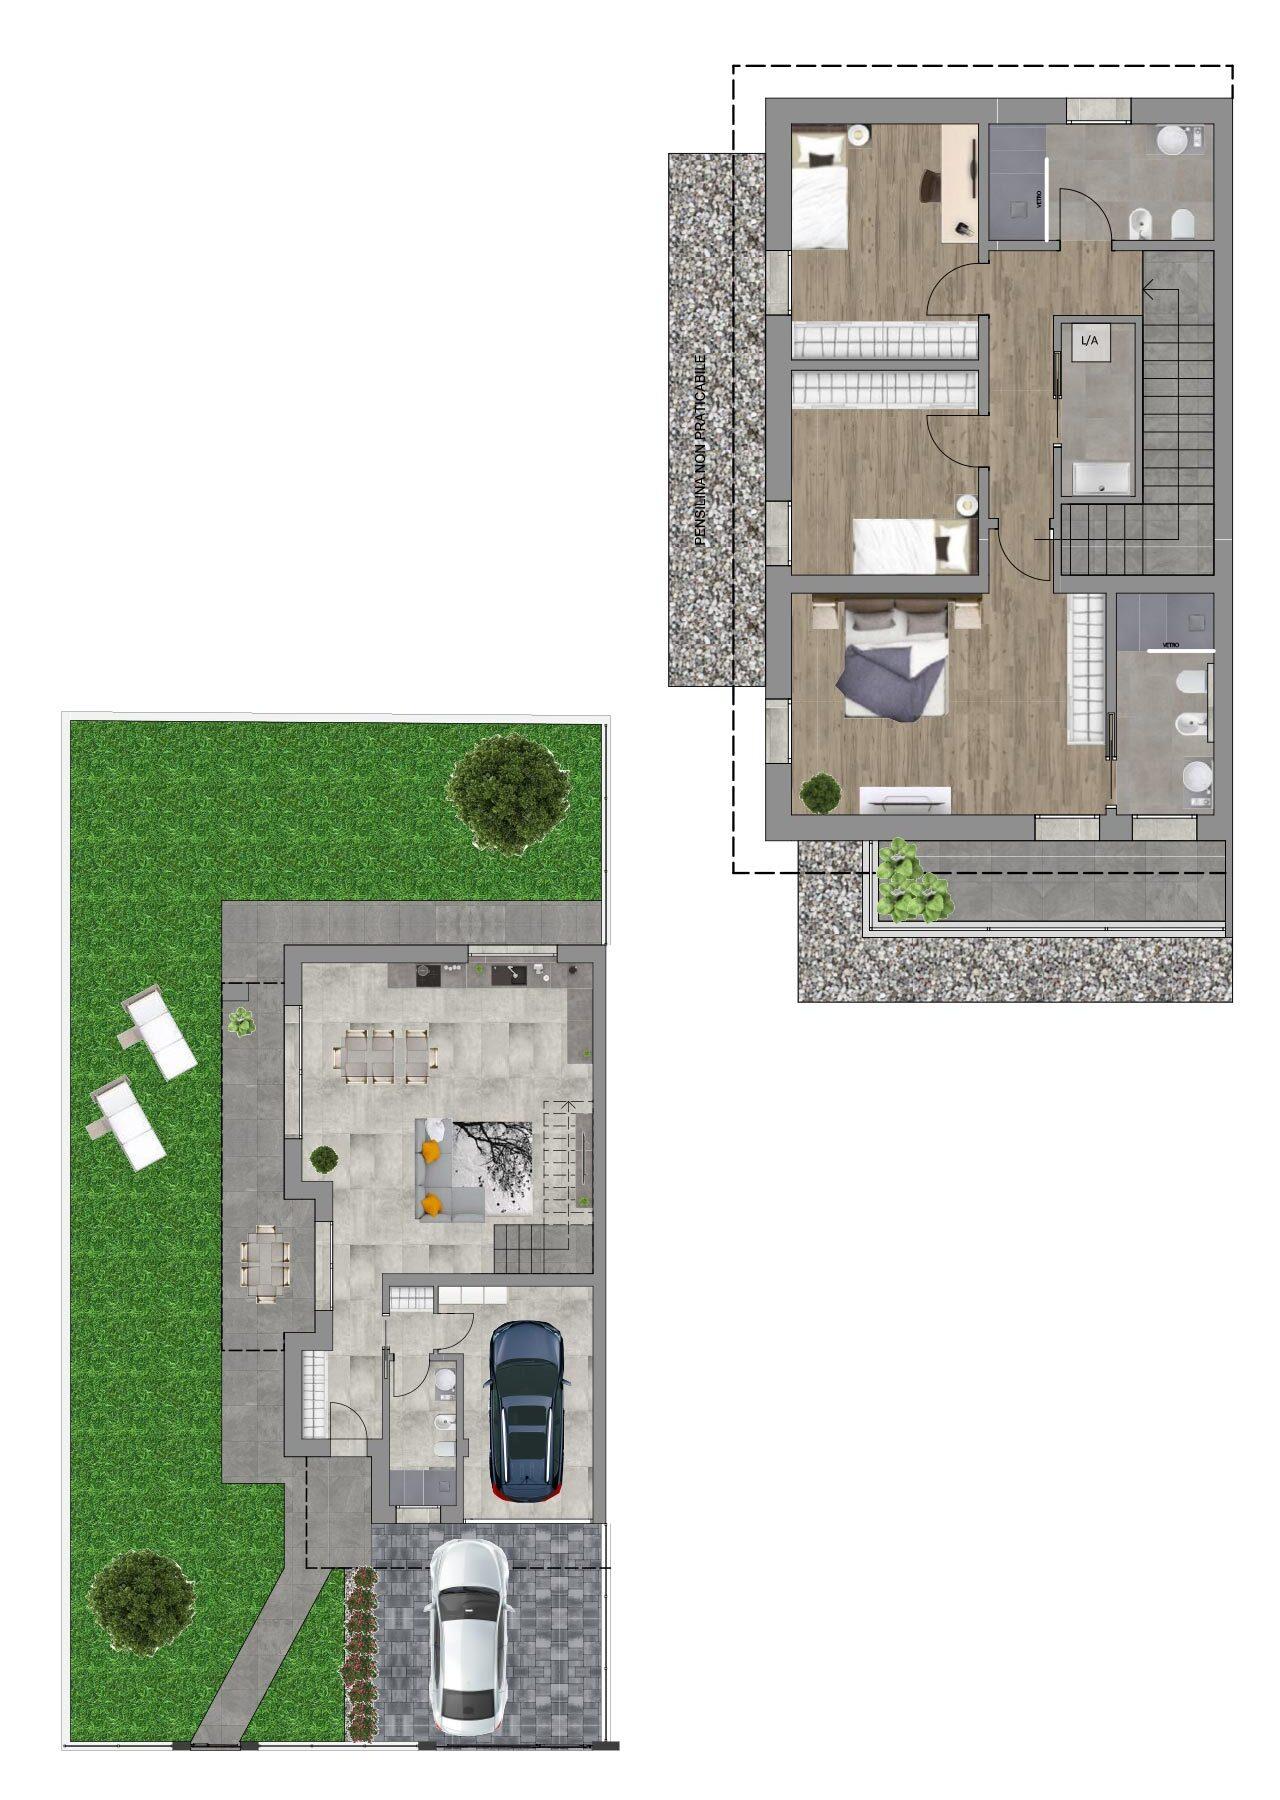 Planimetria nuova costruzione Borgoricco Padova porzione ovest, Fam Real Estate